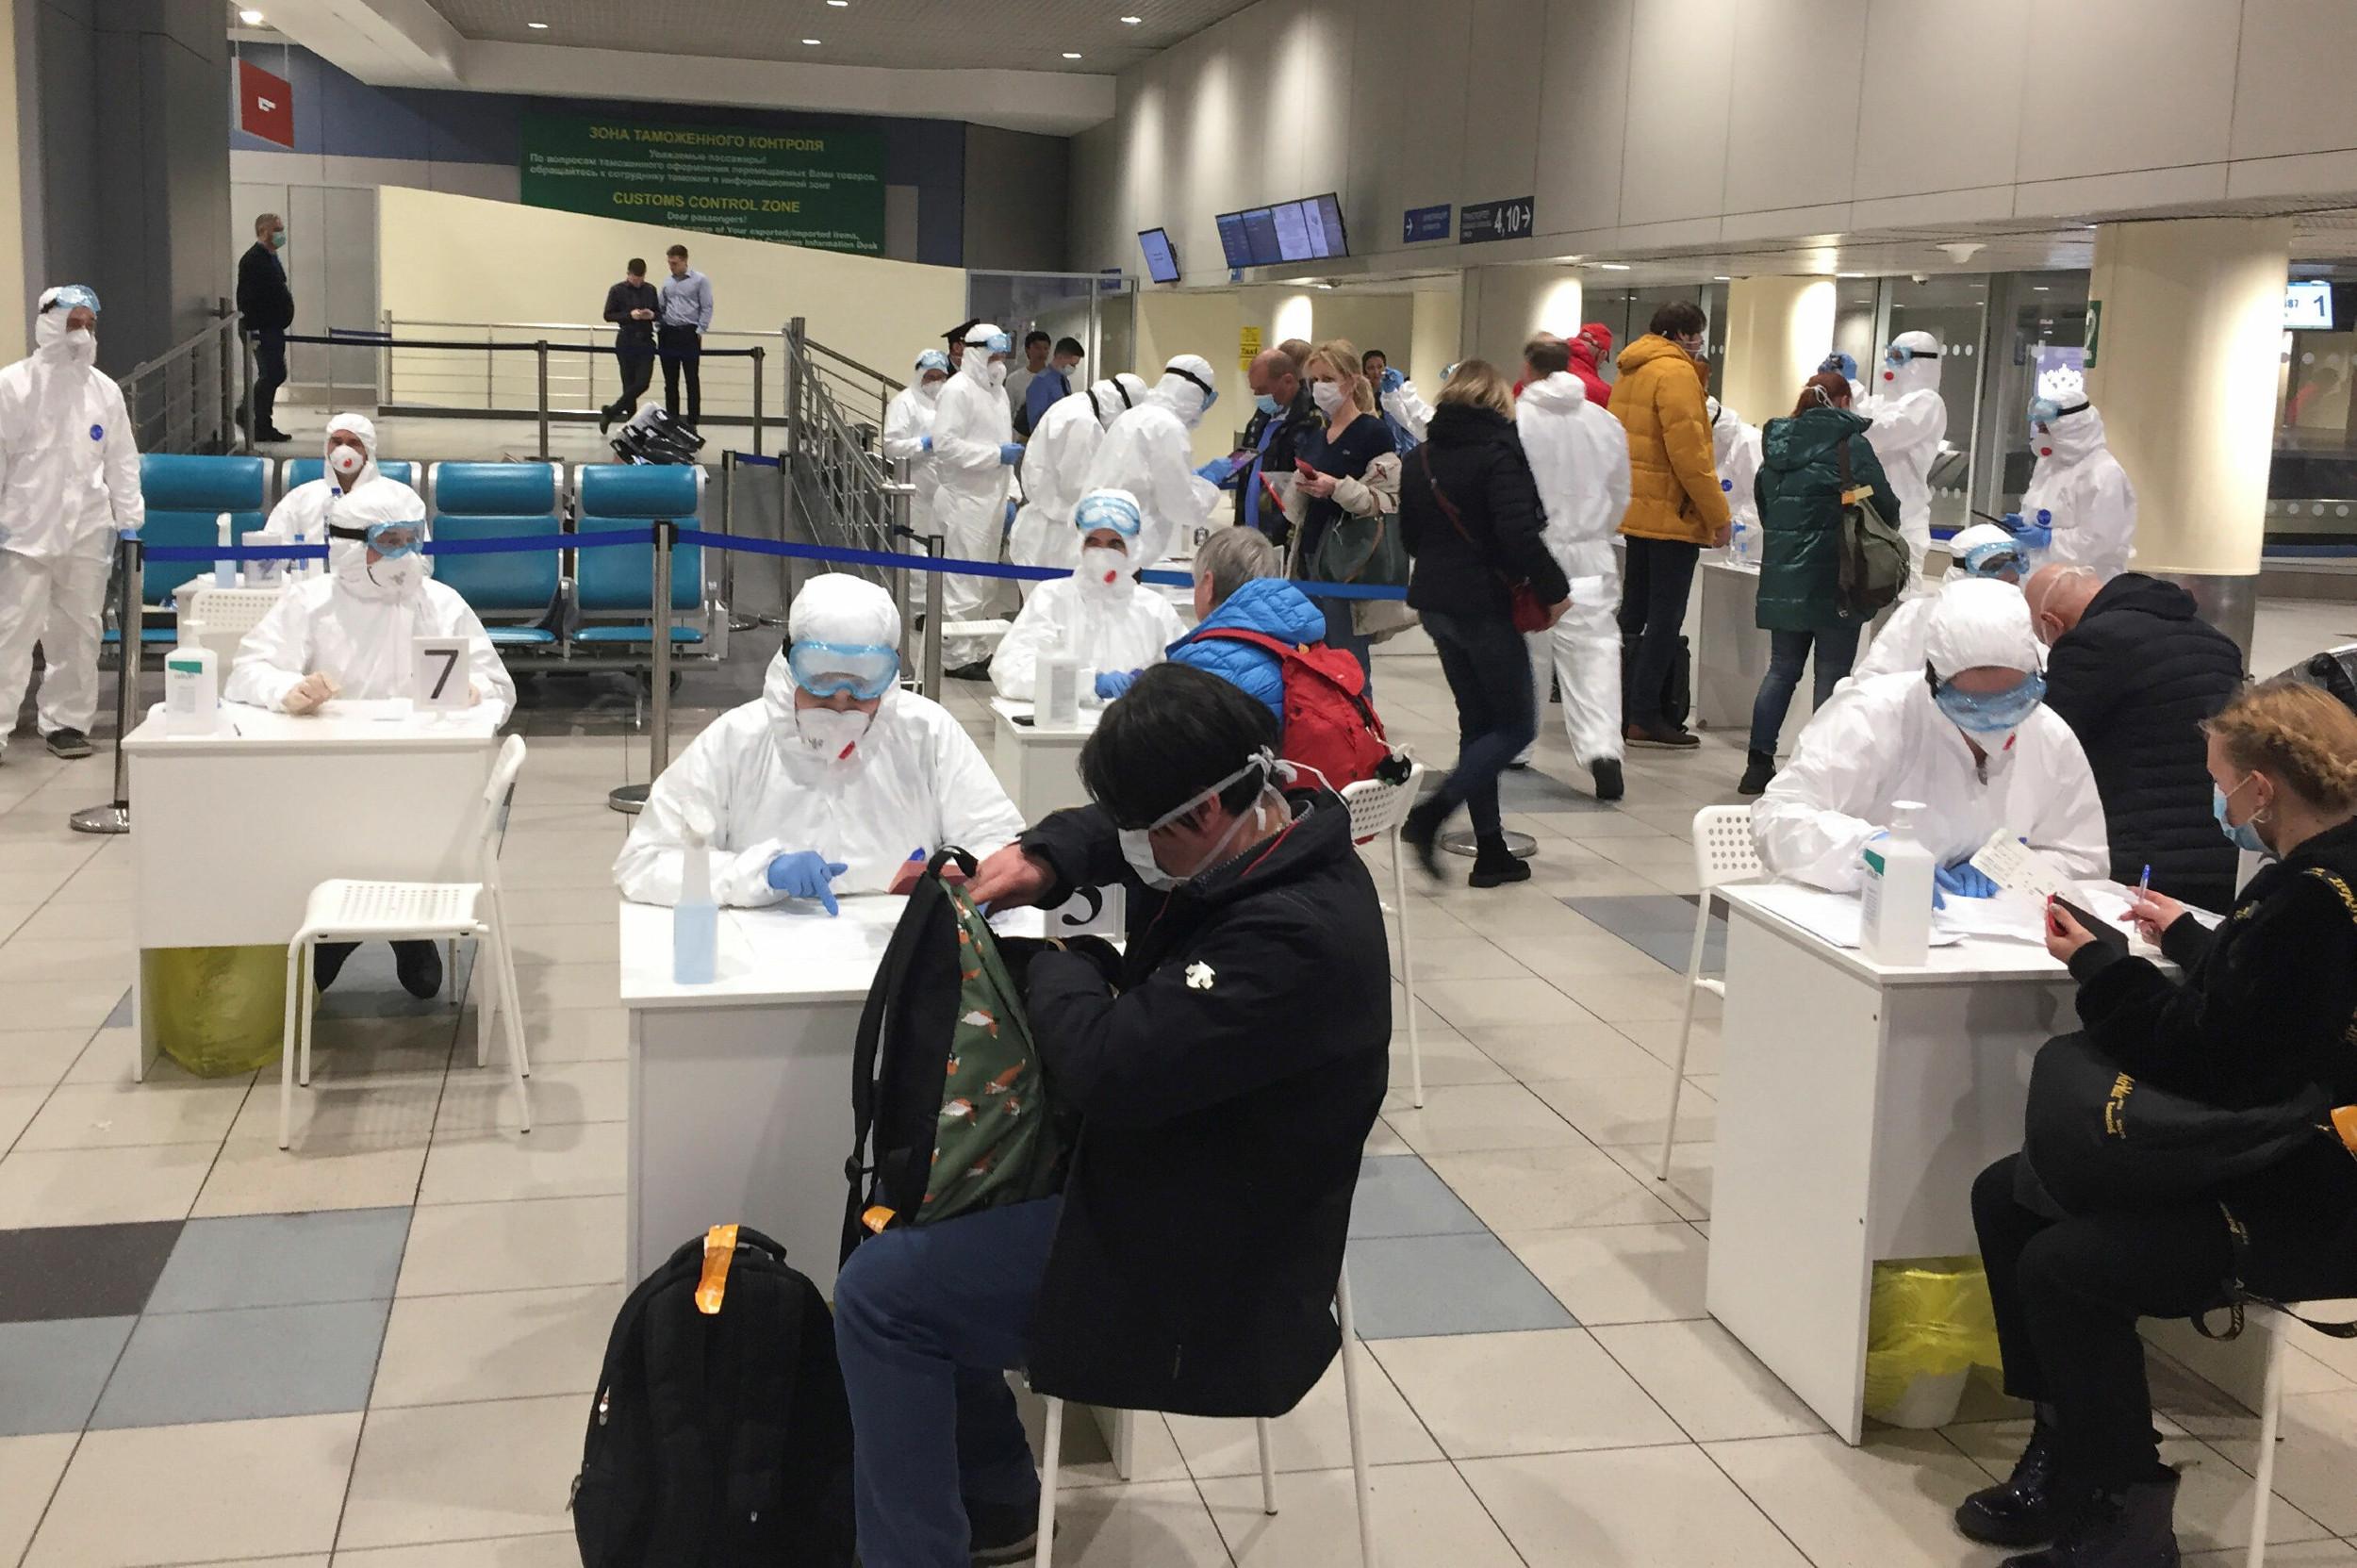 Ruski zvaničnici i medicinsko osoblje u zaštitnoj opremi proveravaju zdravstveno stanje putnika zbog virusa COVID-19 na moskovskom aerodromu Domodedovo, 07. mart 2020. (Foto: REUTERS/Stringer)